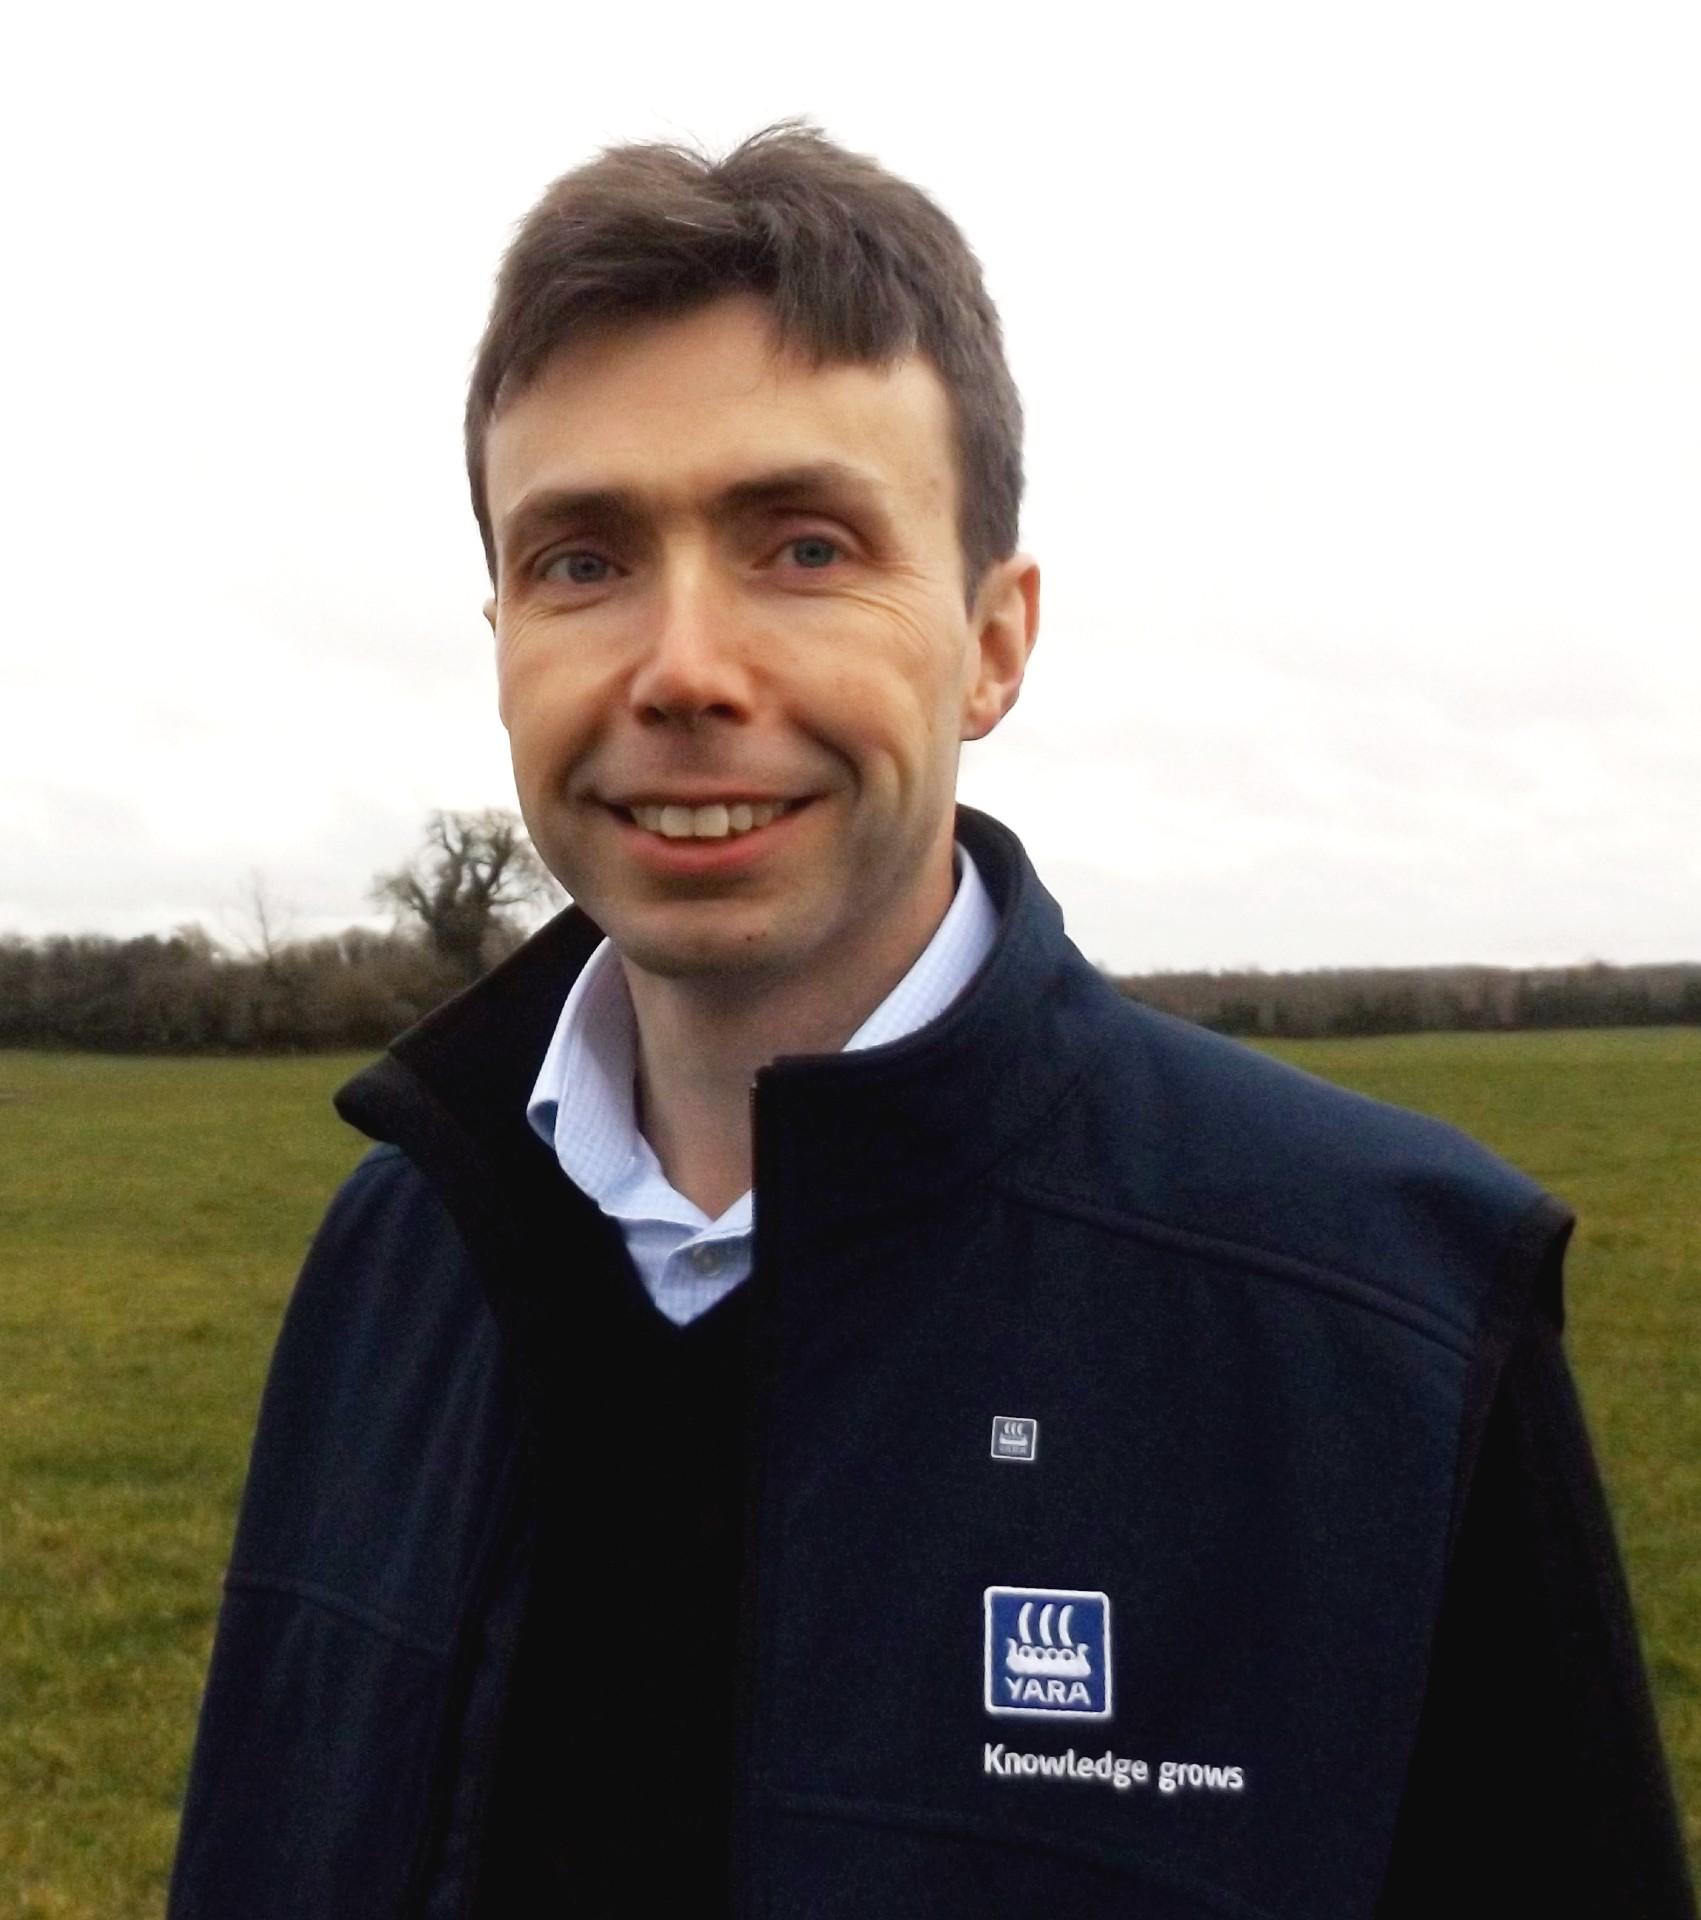 Philip Cosgrave